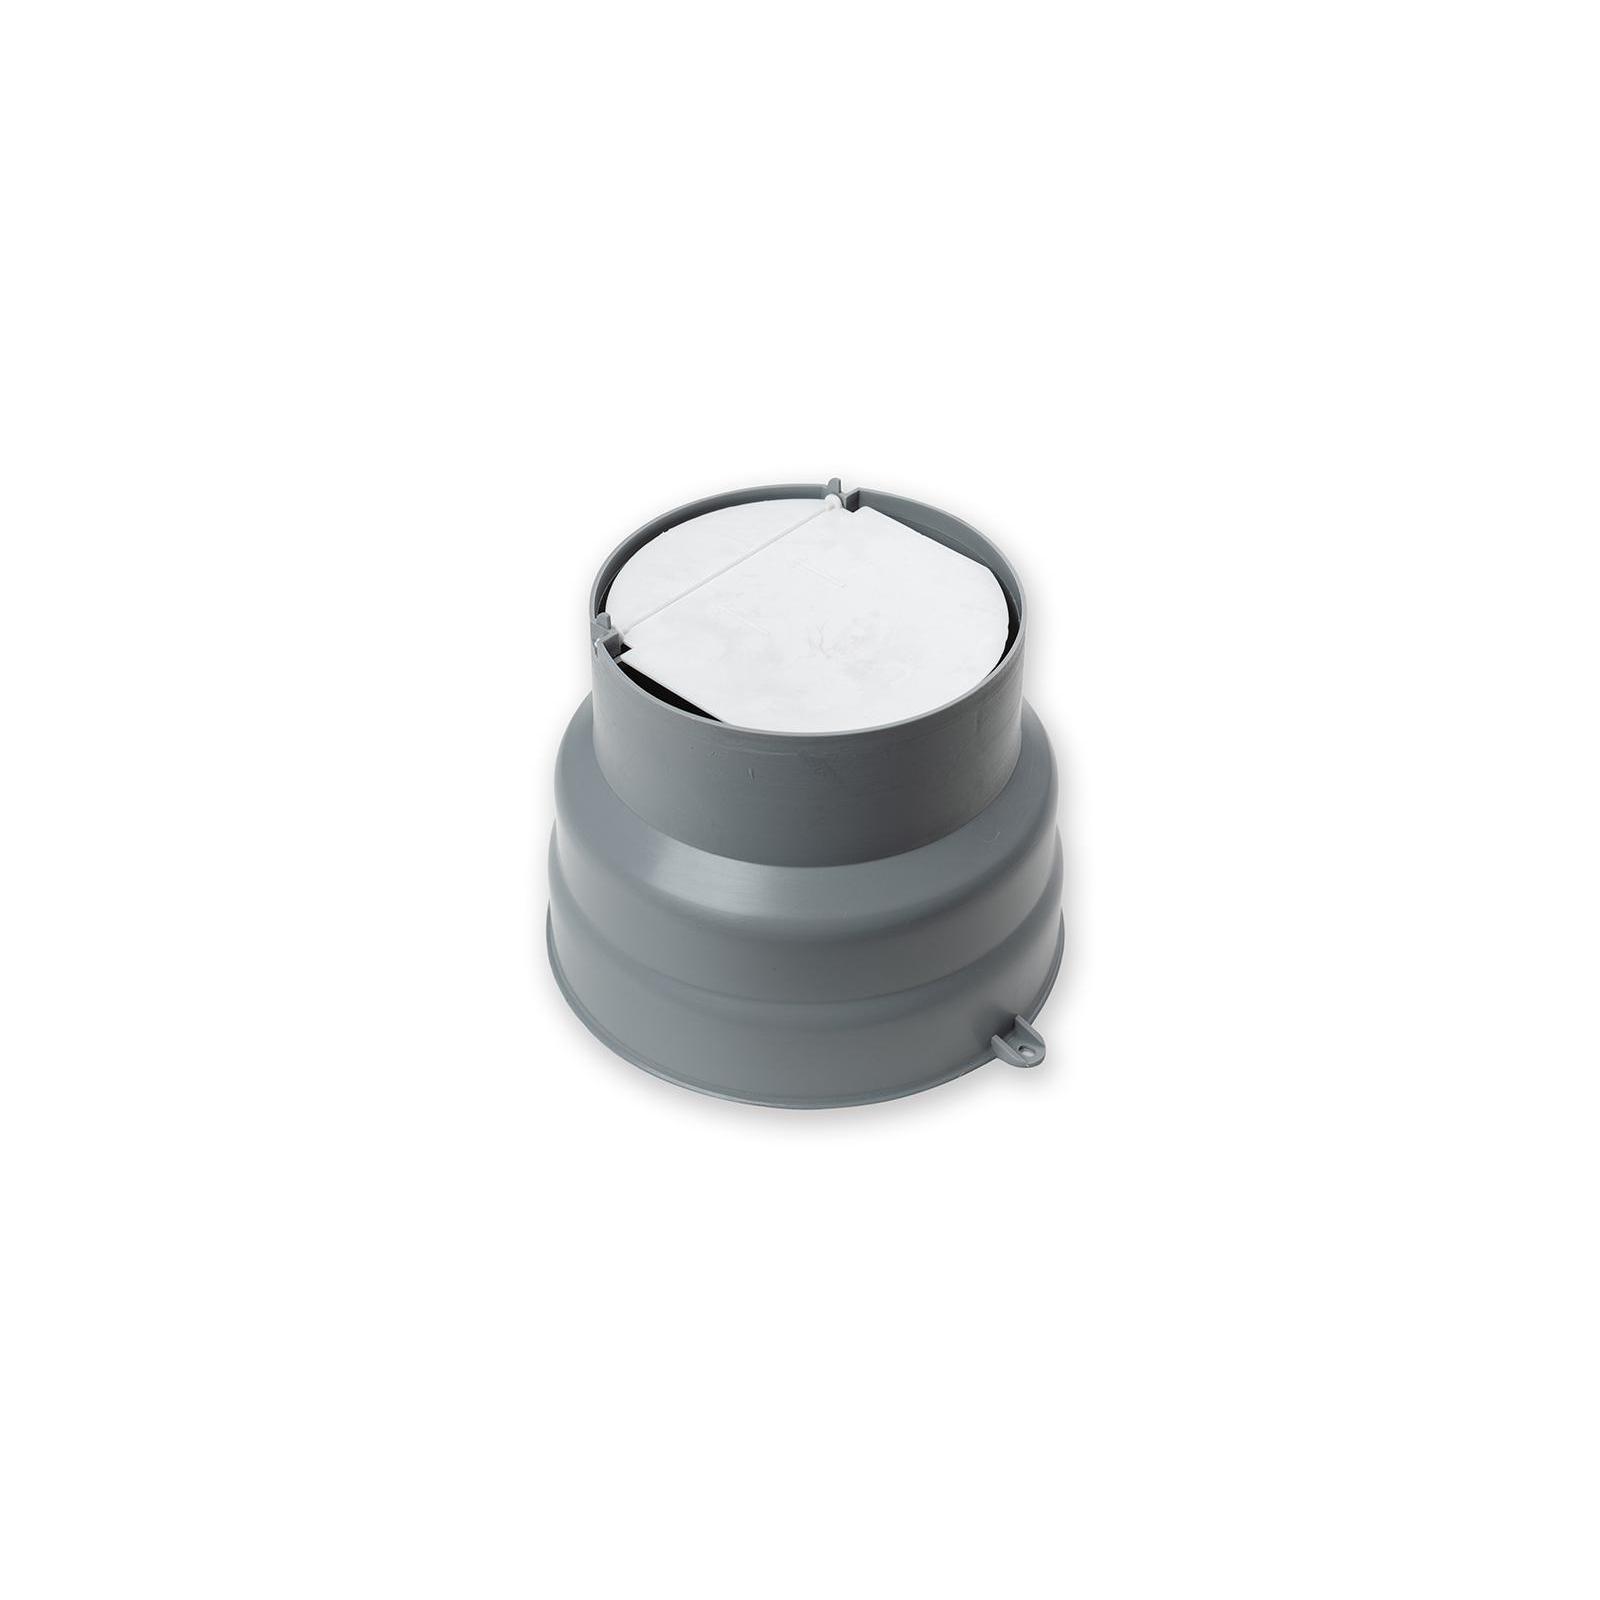 Вытяжка кухонная MINOLA HBI 5824 BL 1200 LED изображение 2